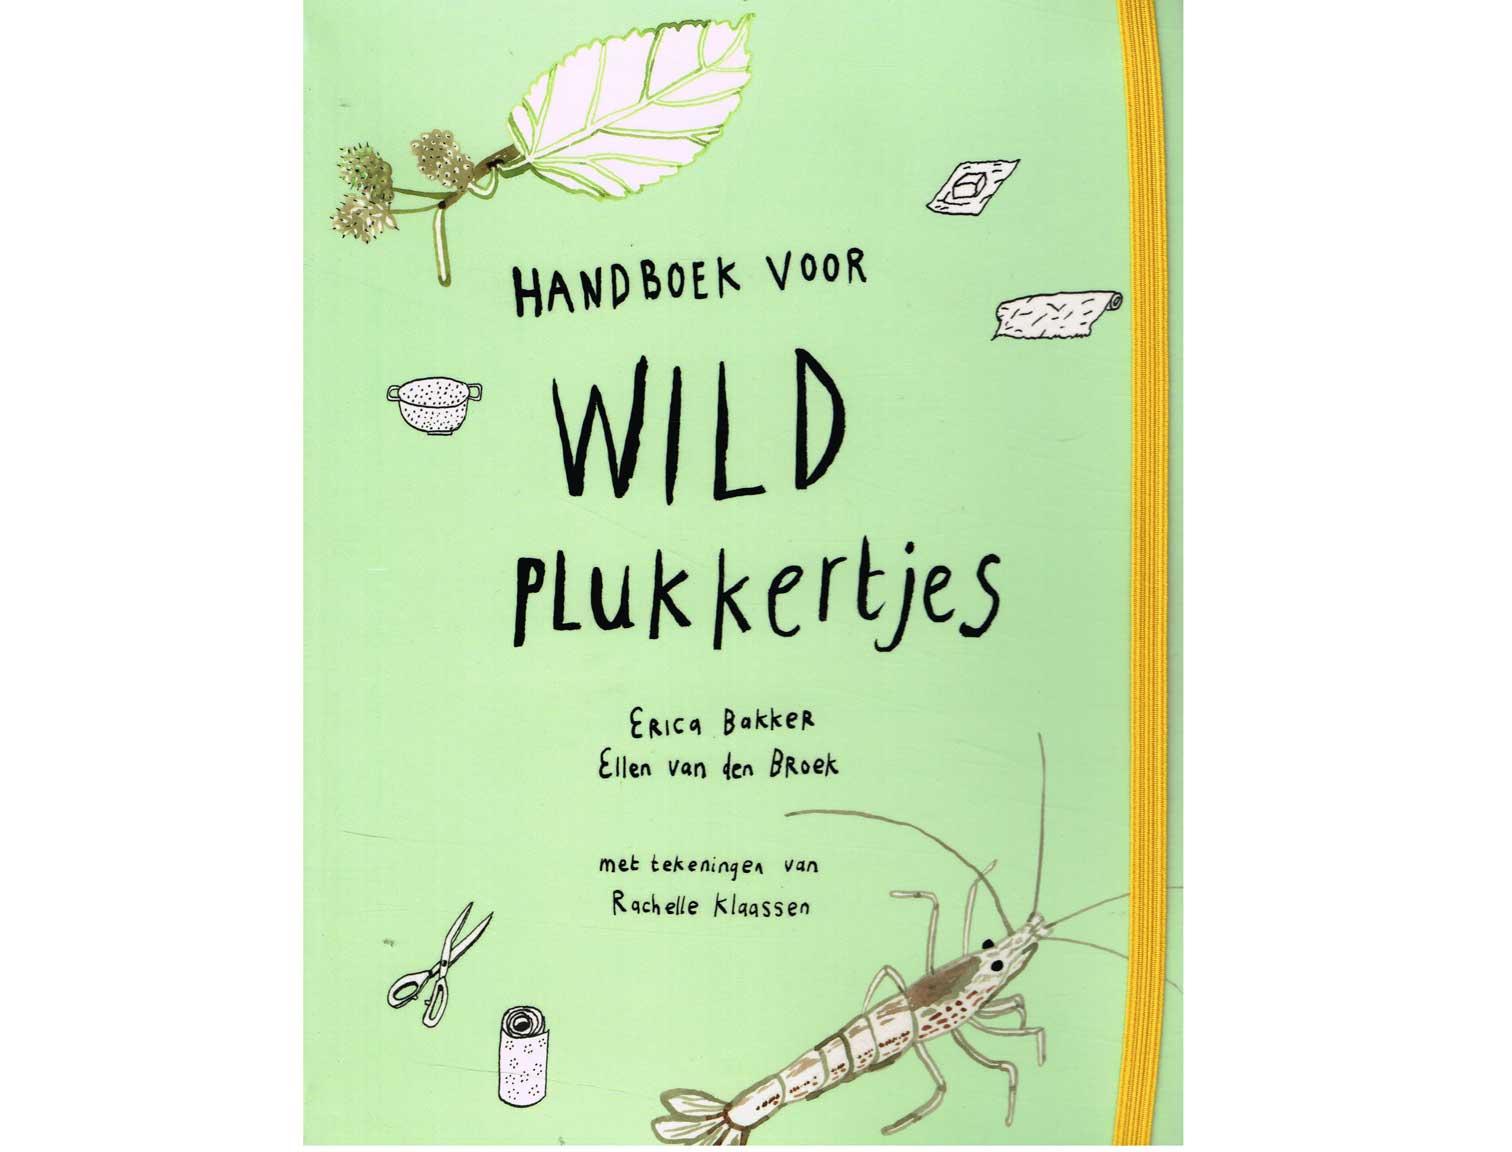 handboek-voor-wildplukkers